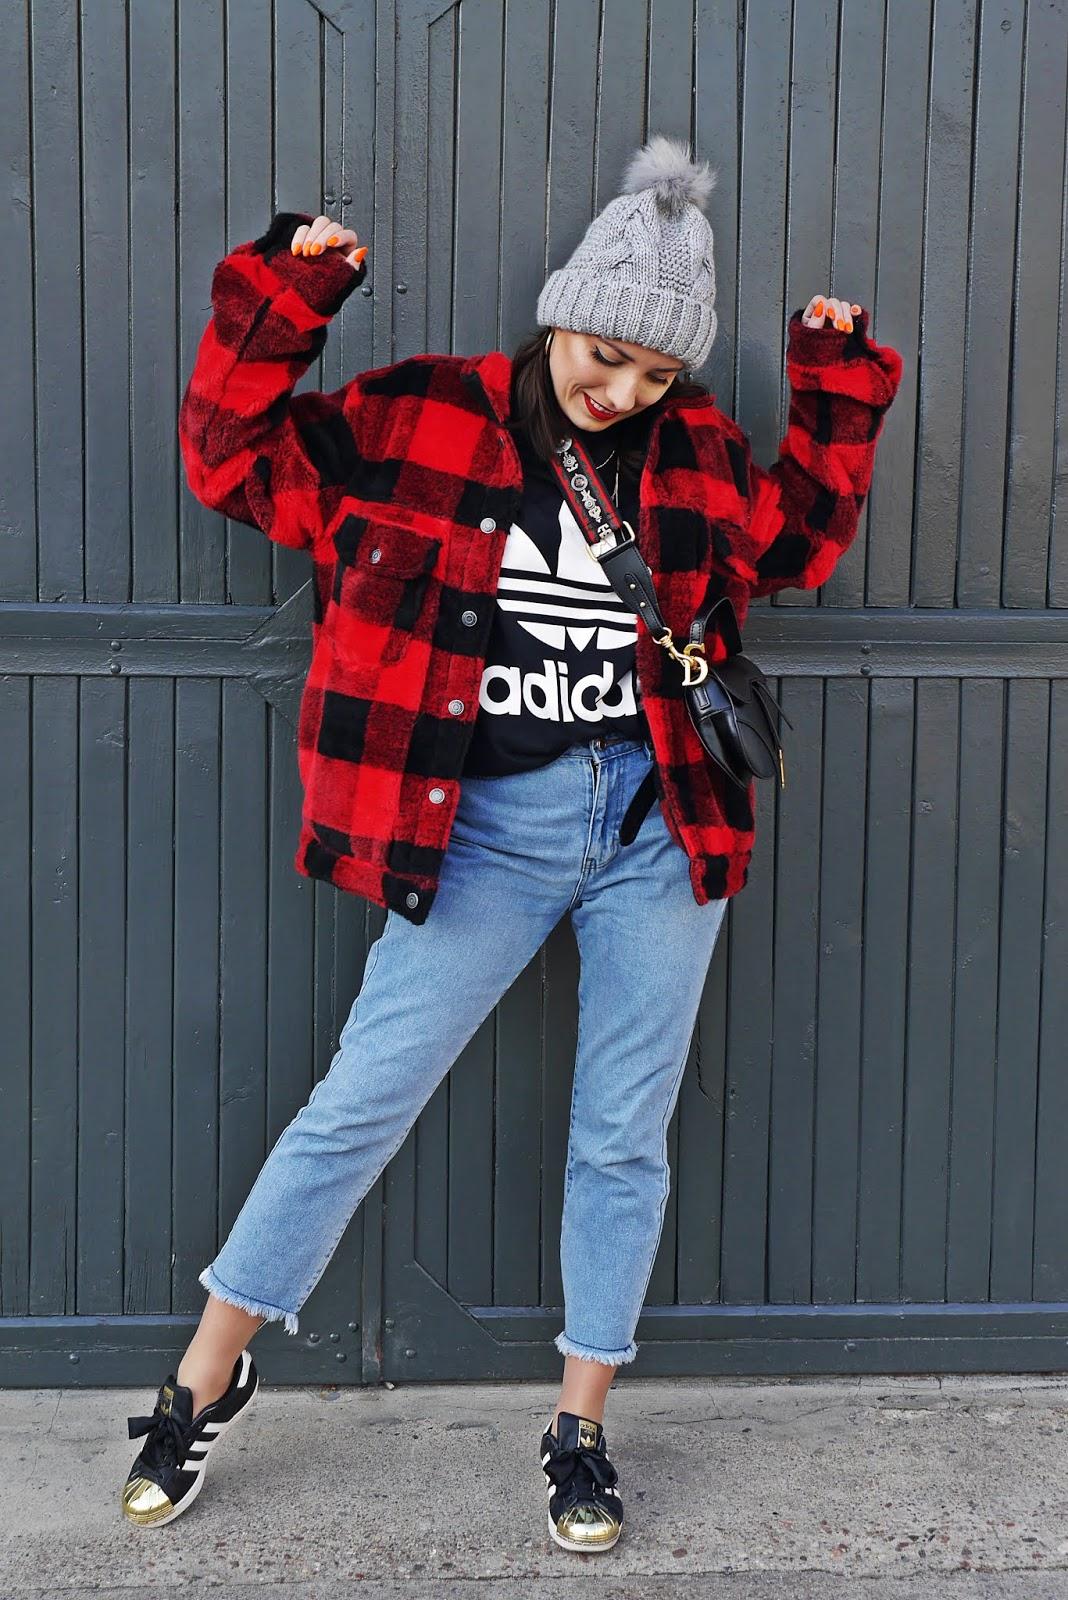 blog modowy blogerka modowa karyn niebieskie jeansy torebka siodło dior top adidas buty superstar złote noski kurtka w kratę miś teddy puławy